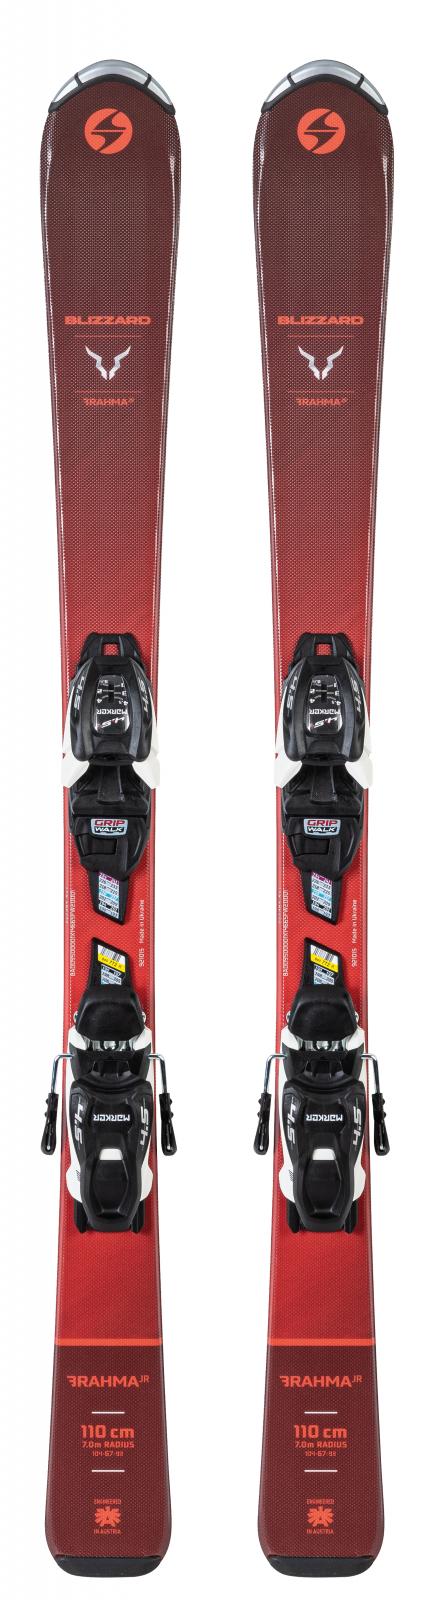 2021 Blizzard Brahma Jr Youth Skis w/ Marker FDT 4.5 Bindings